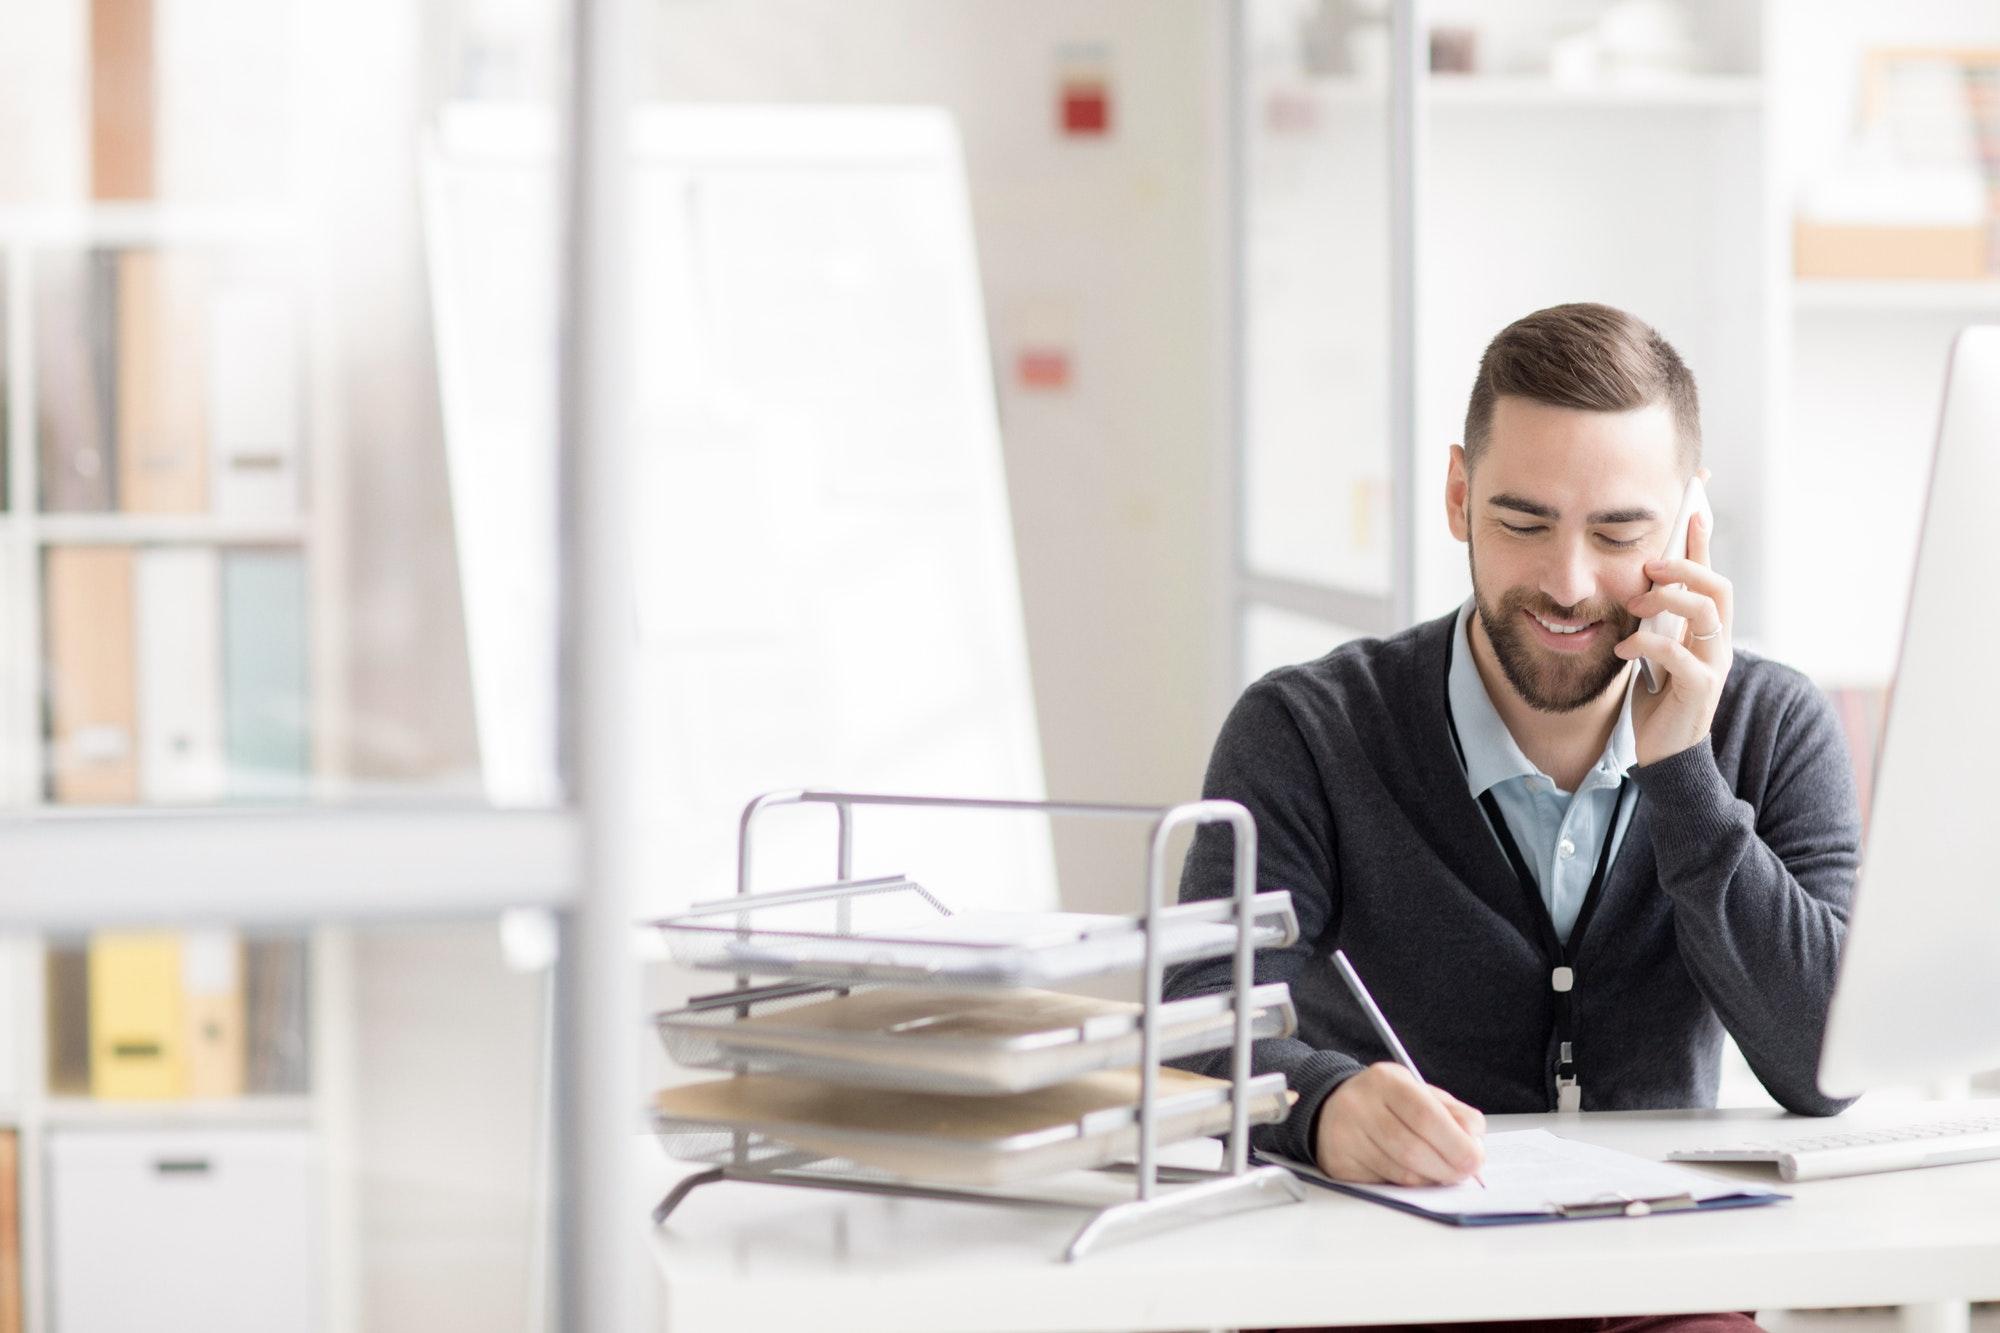 איך לבחור מערכת לניהול לקוחות?